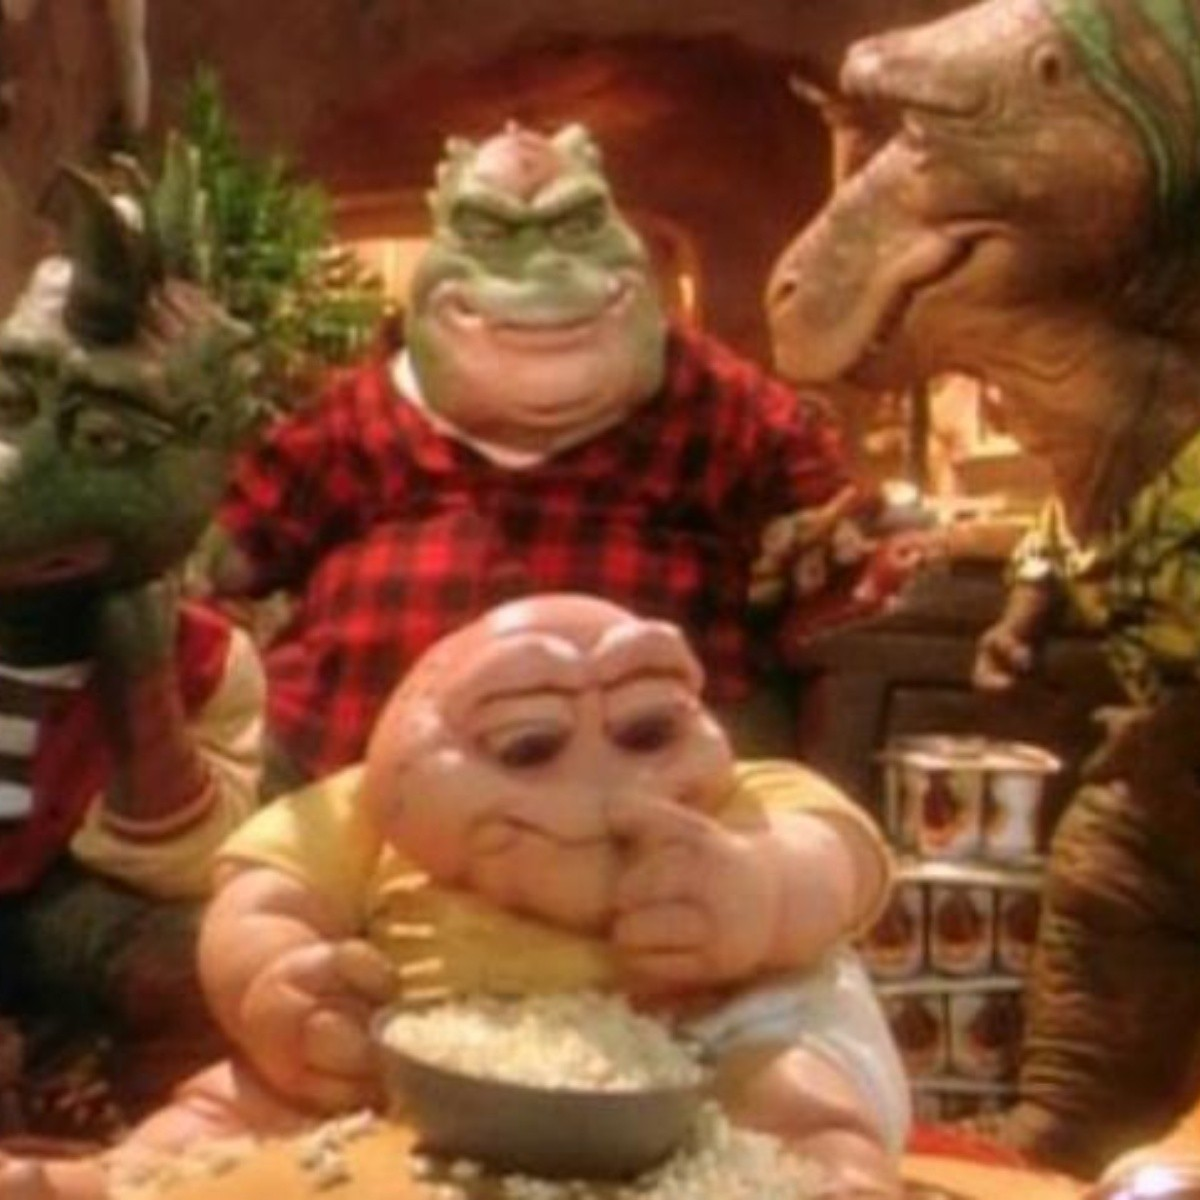 Los Dinosaurios De El Nene Consentido Regresaran A La Pantalla El Informador Funko pop baby sinclair bebé sinclair dinosaurios 961. los dinosaurios de el nene consentido